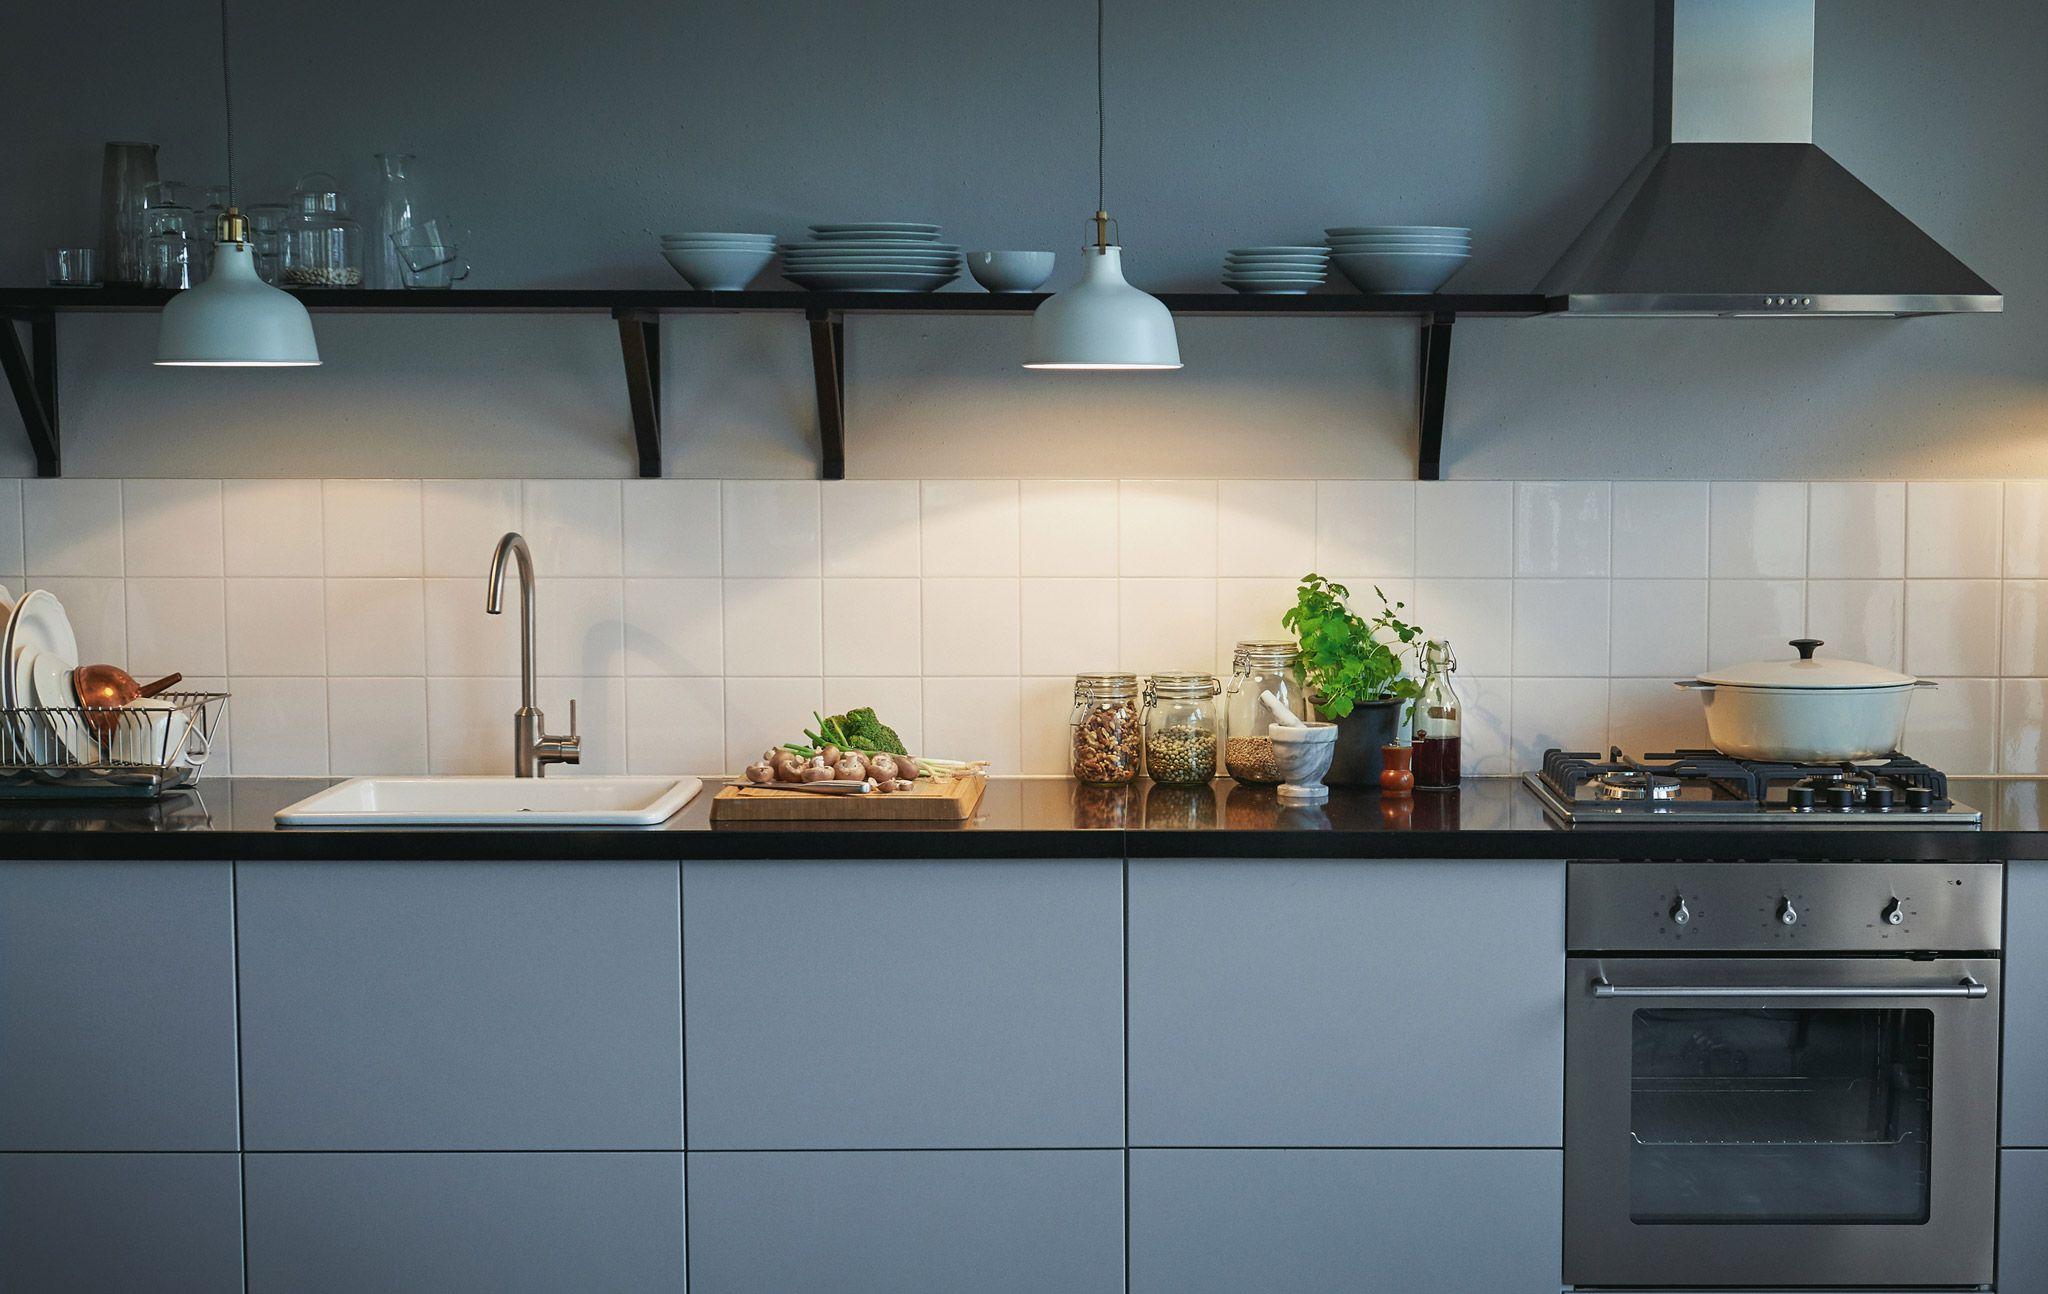 Interessant Ikea Küche Beleuchtung Ideen (Nach Pinterest